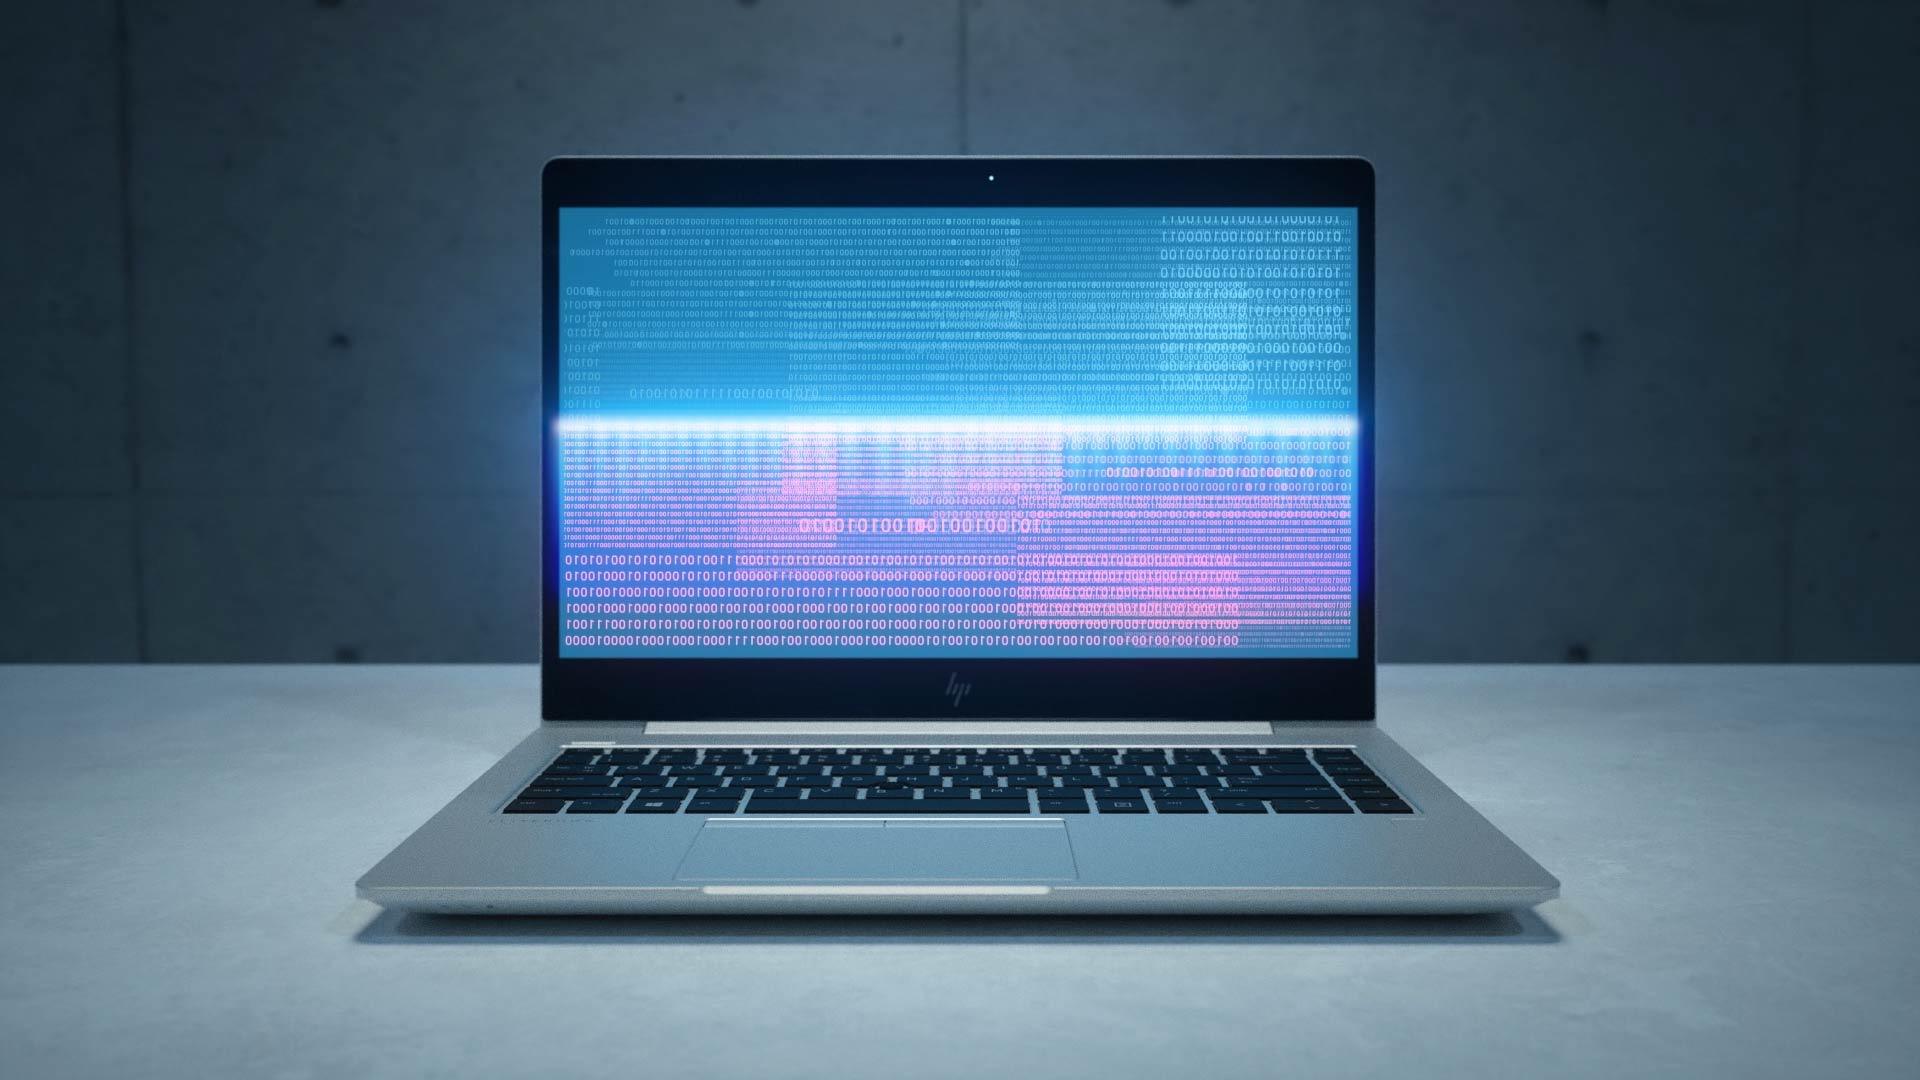 HP Security - CCS Media